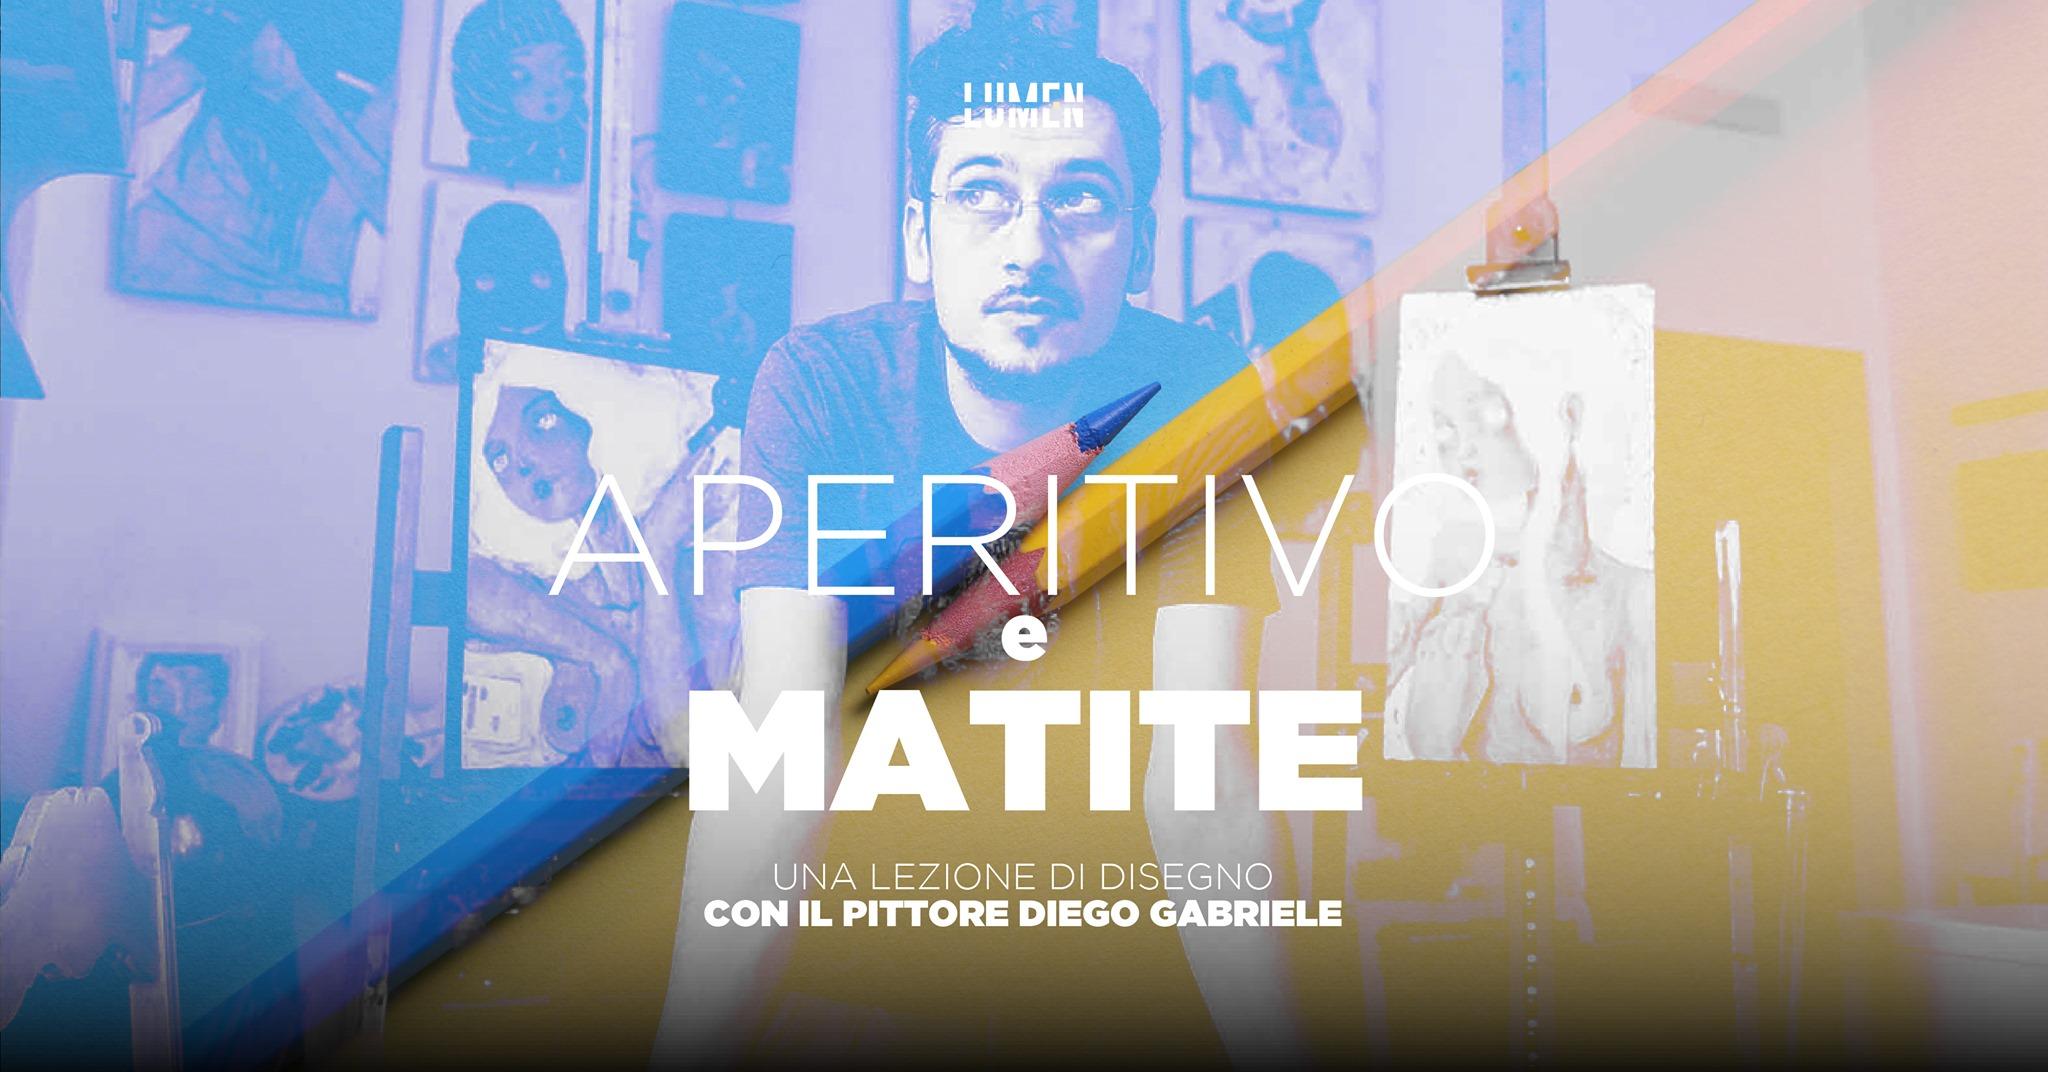 Aperitivo e Matite una lezione di disegno con Diego Gabriele